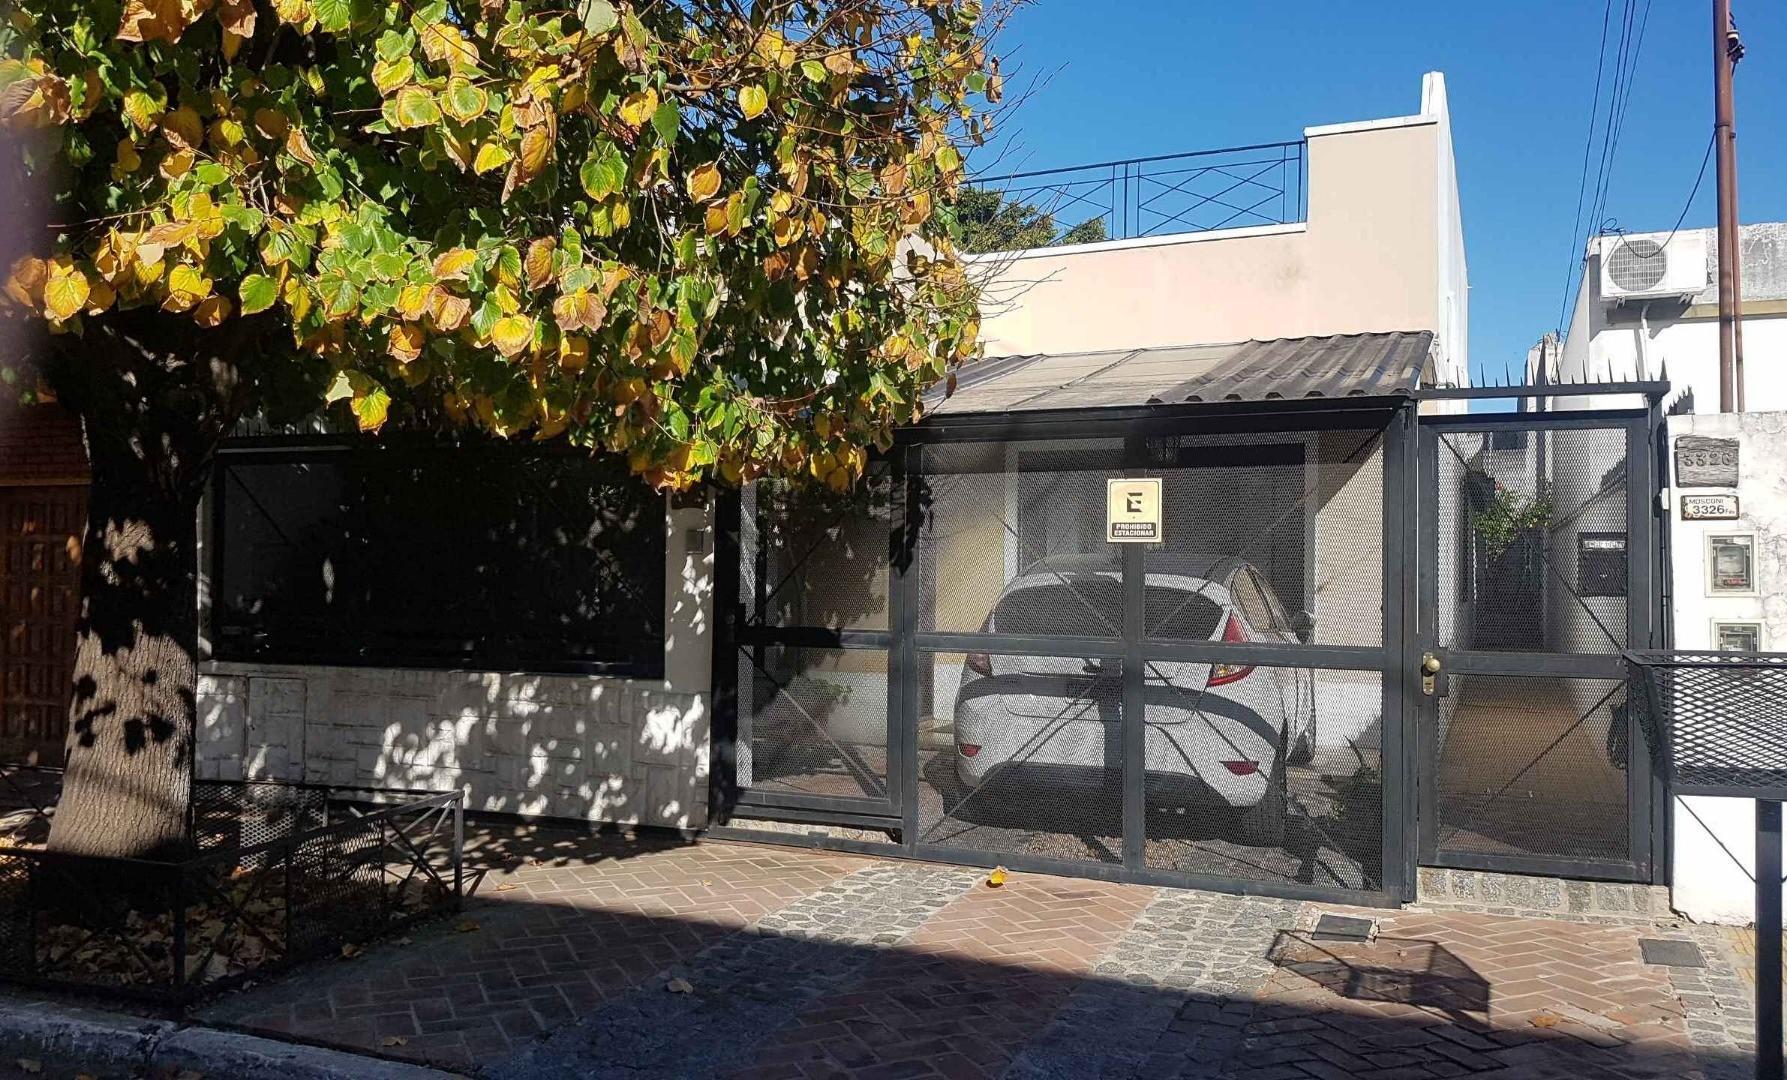 Ph en Venta en Villa Saenz Peña - 4 ambientes